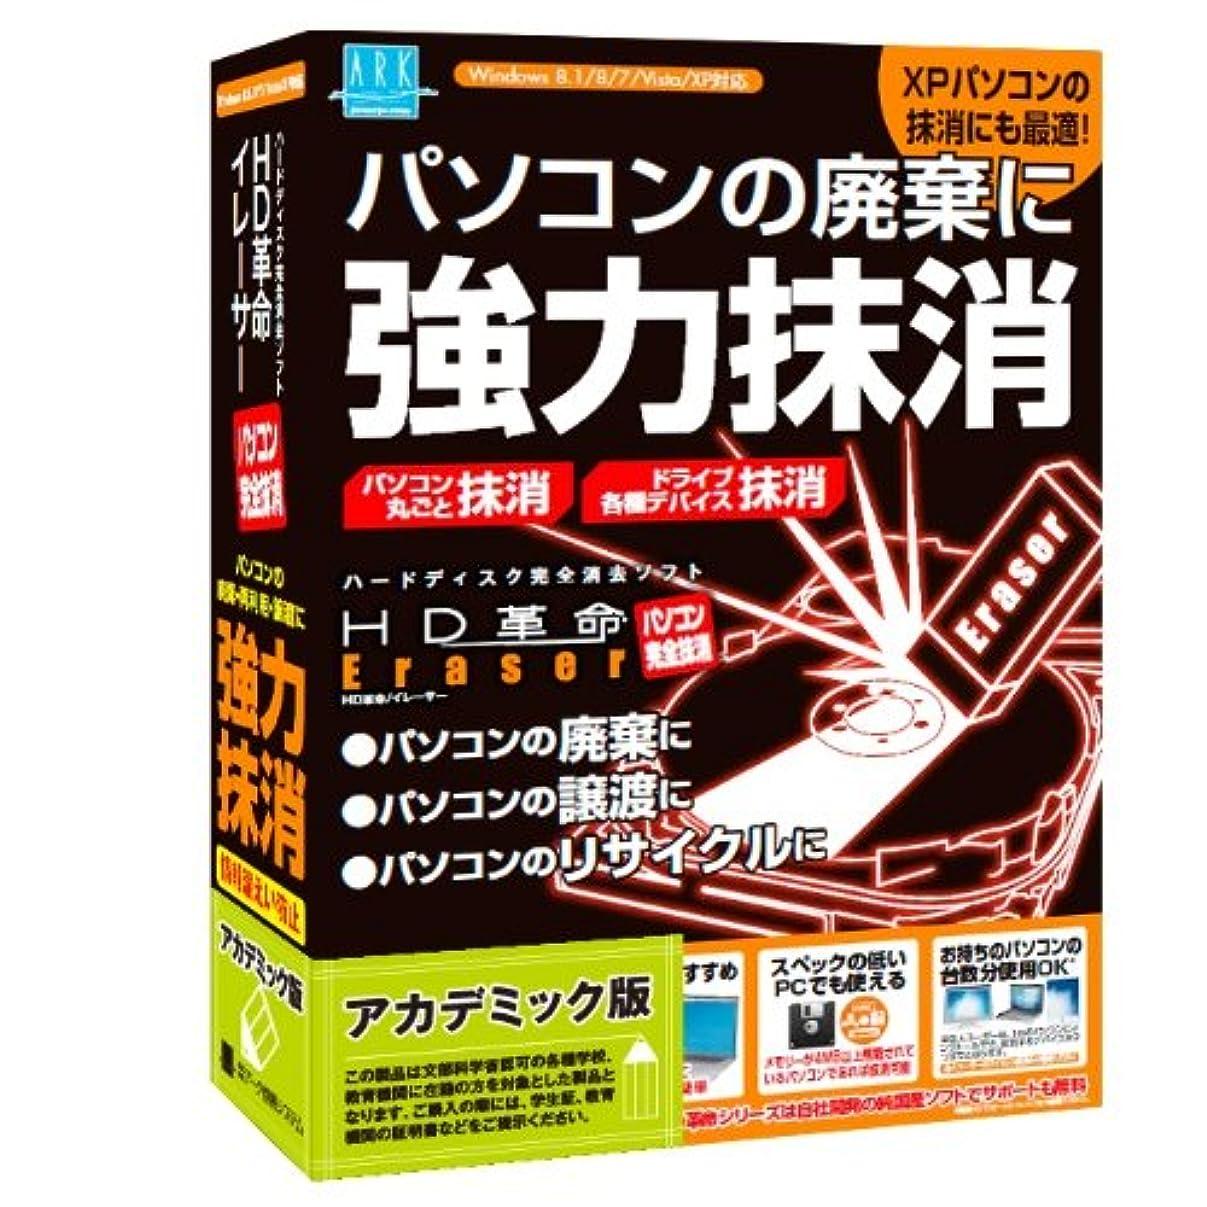 正義戦士防ぐHD革命/Eraser パソコン完全抹消 アカデミック版